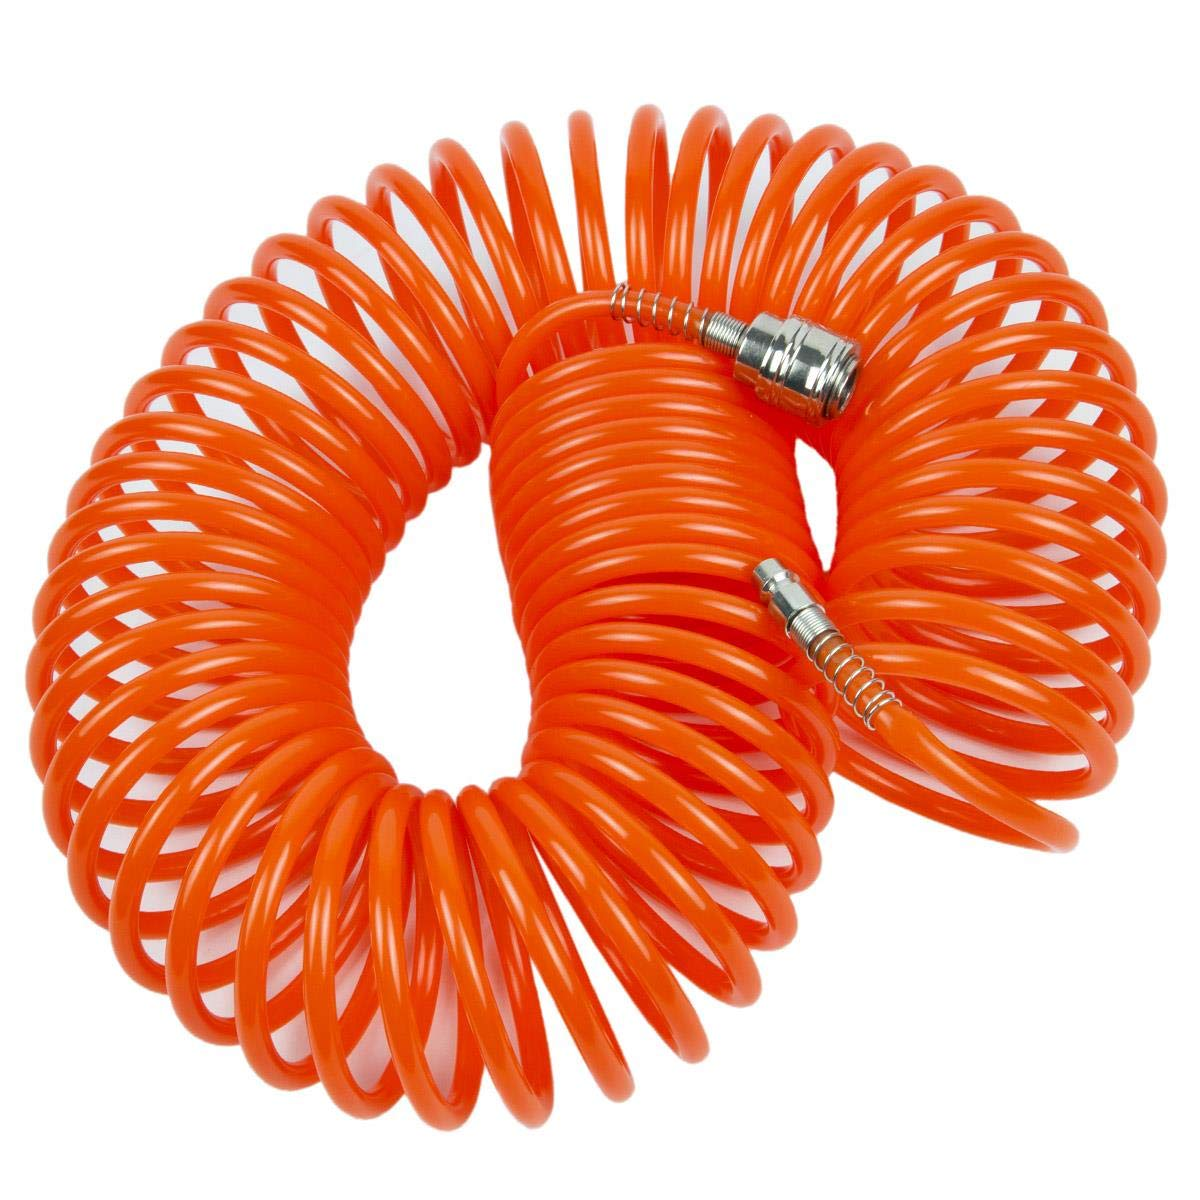 10 m PU Luftschlauch Druckluft Spiralschlauch Ø 5 x 8 mm Druckluftgeräte Kompressor Schlauch Lotex GmbH